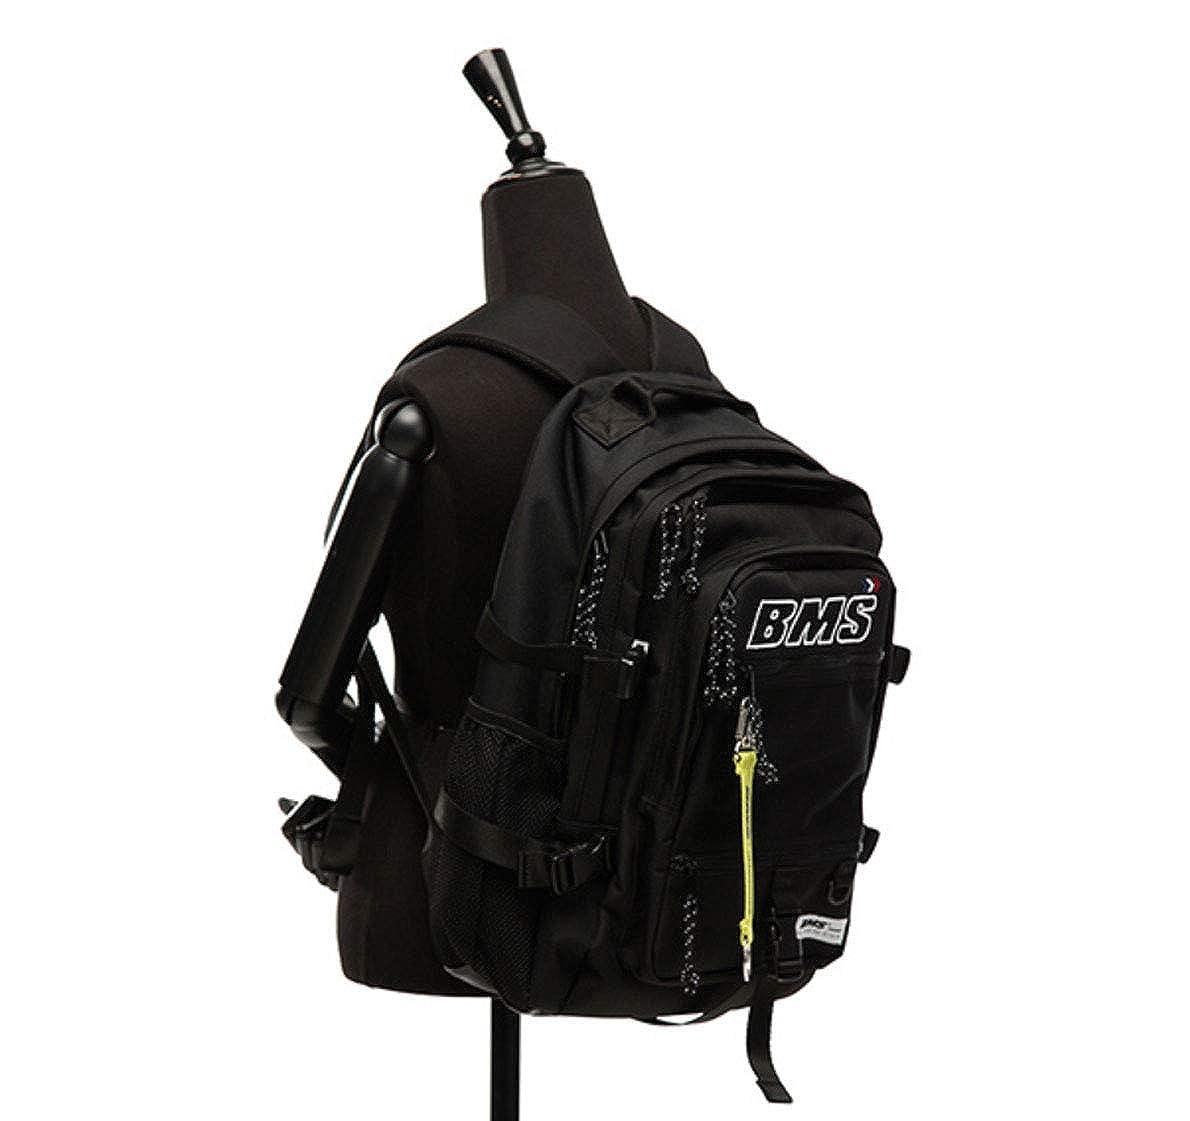 BMSFRANCE BMS UTILITY BACKPACK バックパックのメッシュバックパック学生カバンバッグバックパック大容量旅行通学遠足ユニセックスバッグ多機能バッグ(海外直送)  ブラック B07QZQ7V4Z